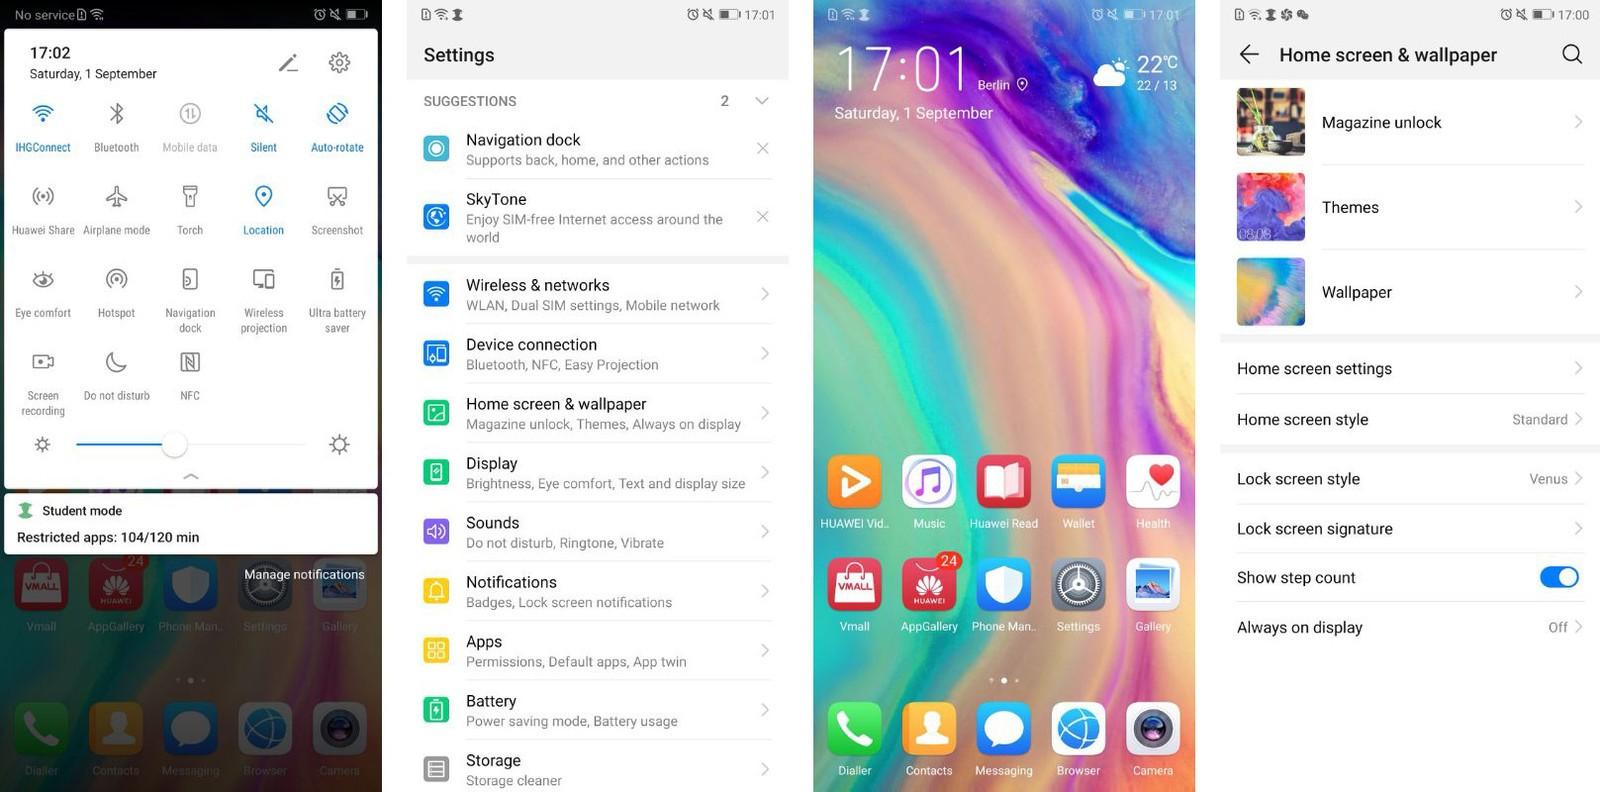 Huawei выпустила EMUI 9 на Android 9.0 Pie, бета-версия доступна для 7 моделей